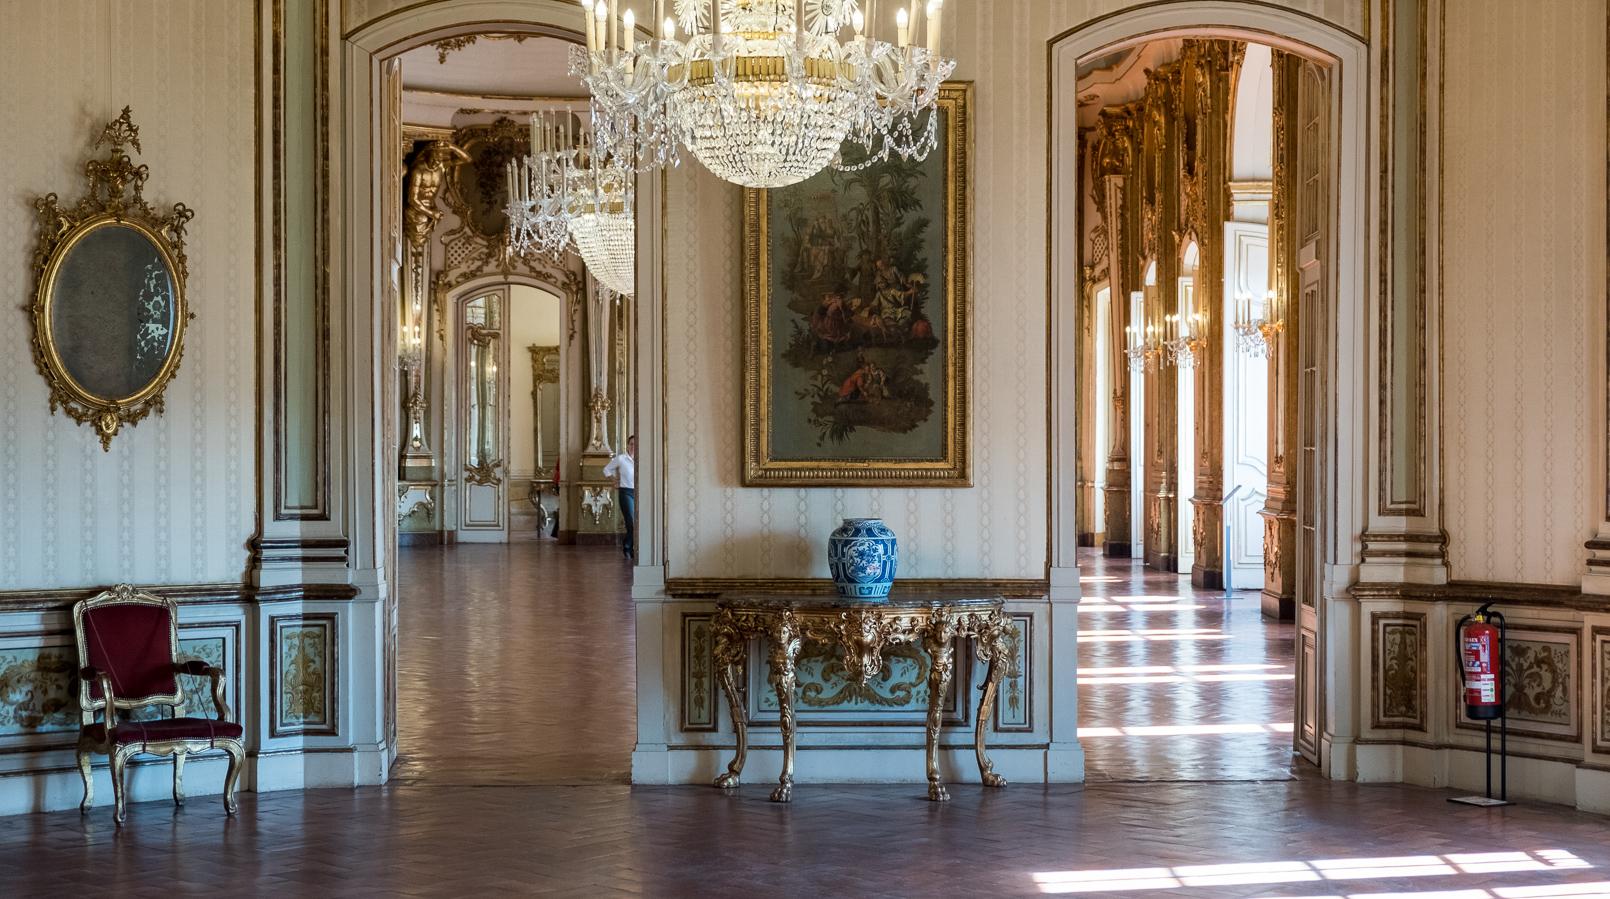 Le Fashionaire Conhecem o Palácio mais bonito do país? palacio queluz cadeiras brancas salas ornamentadas quadros tapete vermelho 5987F PT